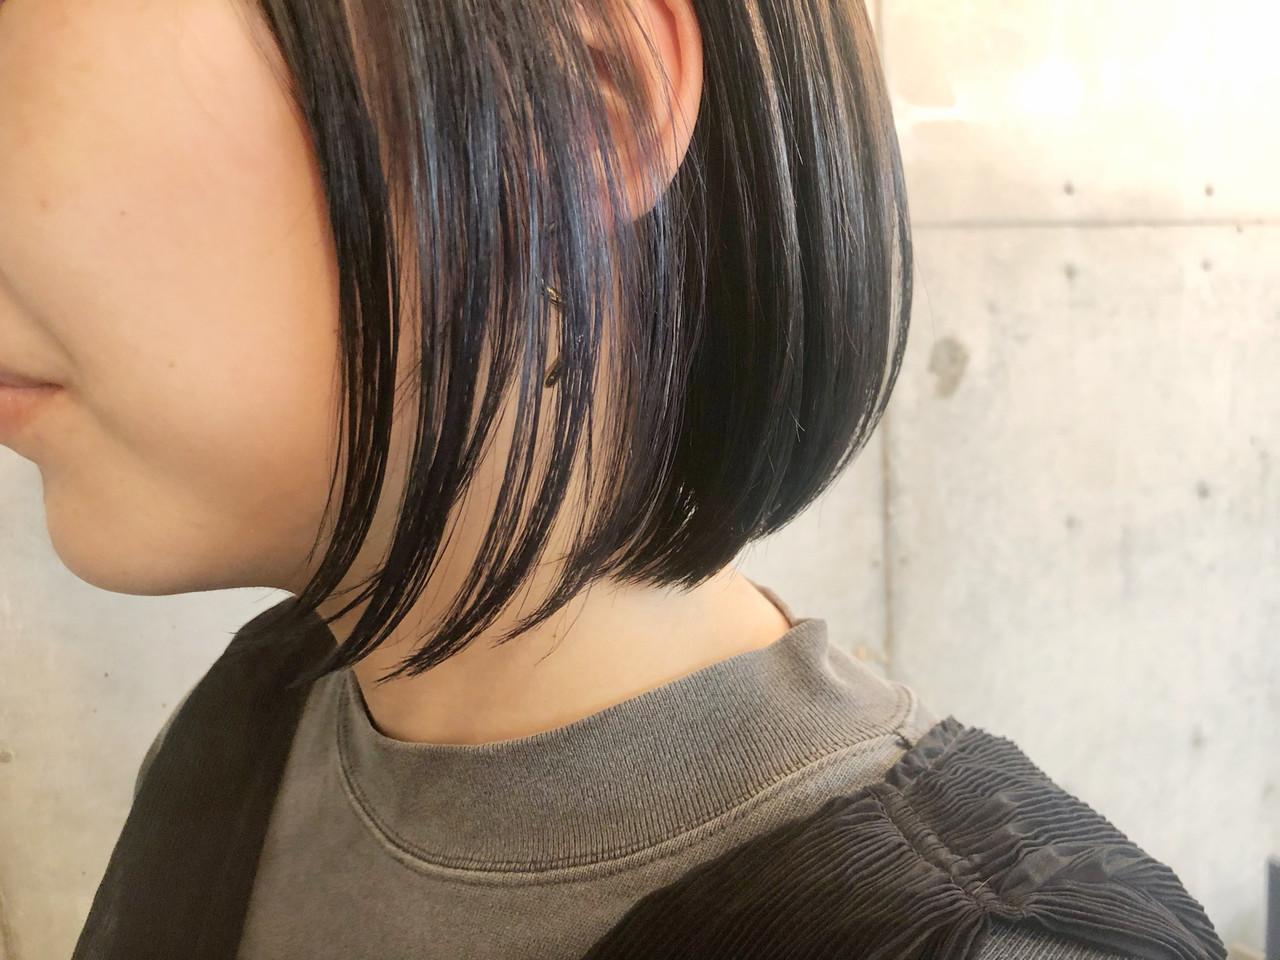 ナチュラル ボブ イルミナカラー 3Dカラー ヘアスタイルや髪型の写真・画像